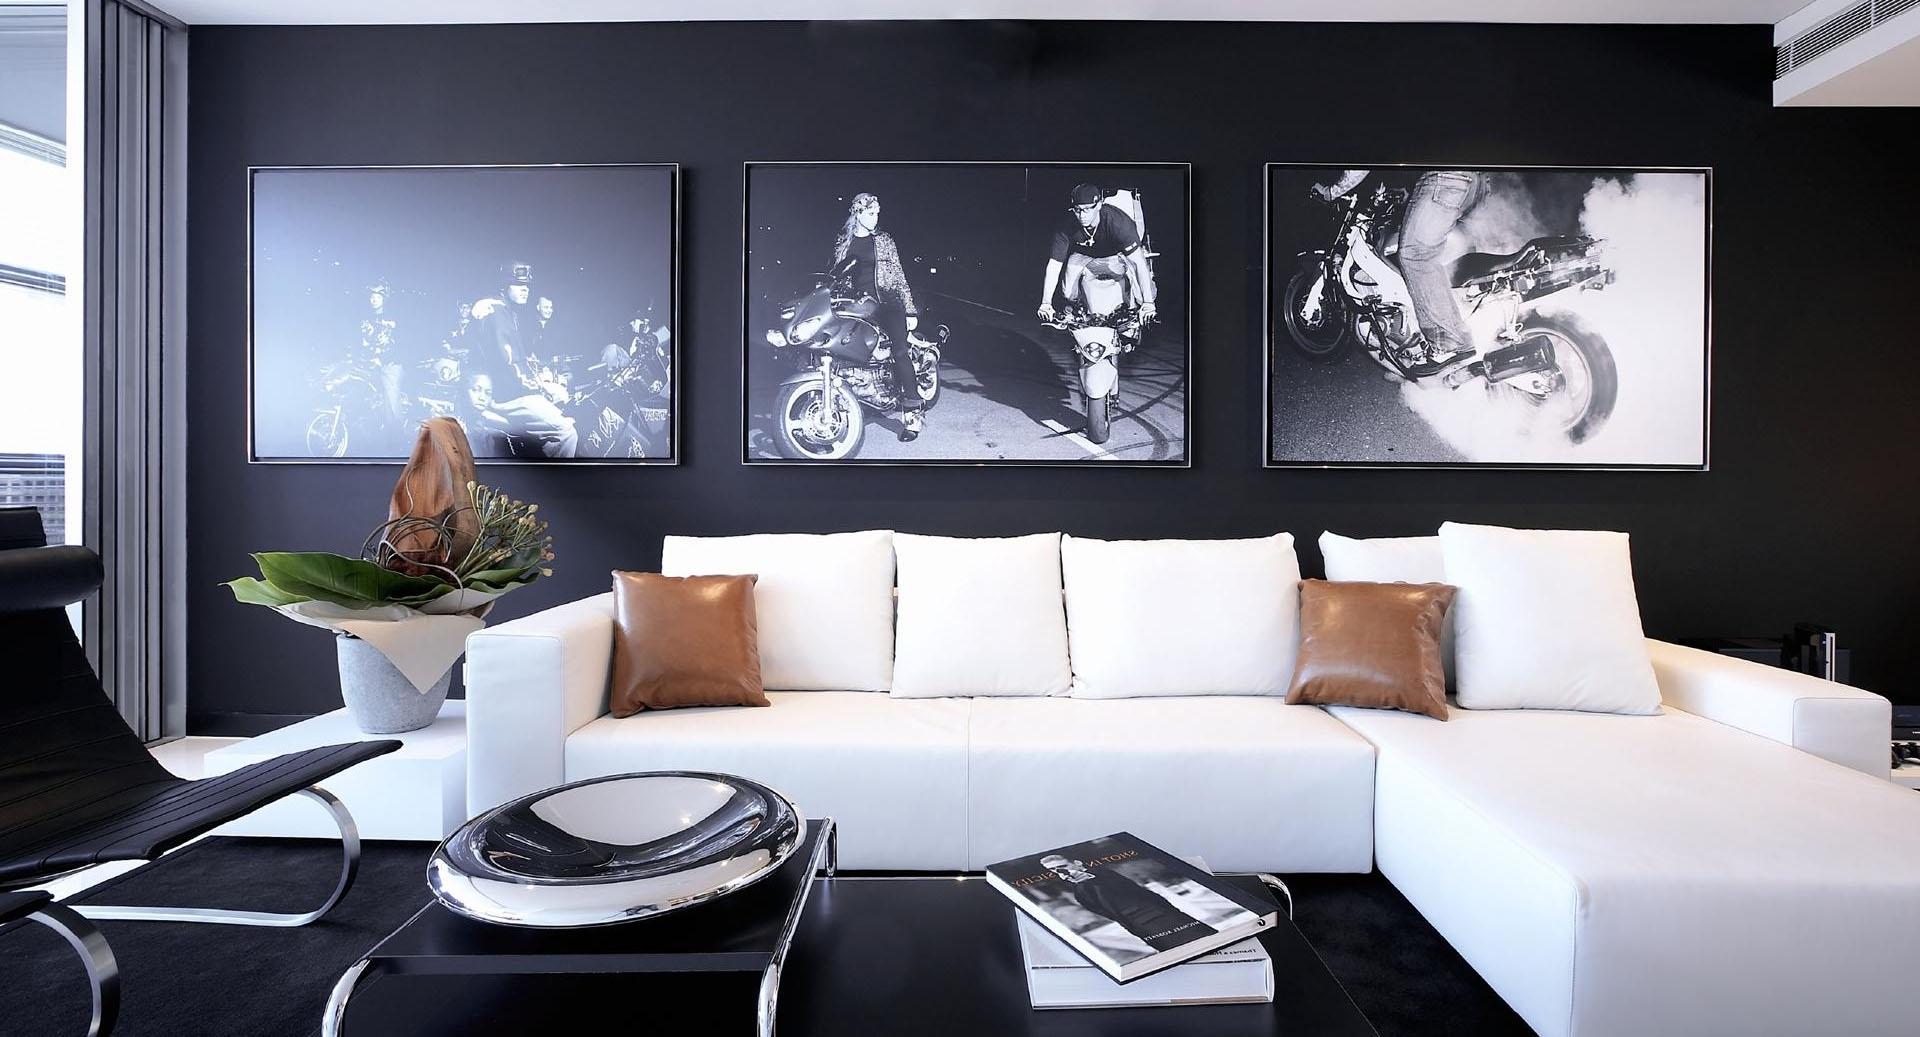 poster - Черно-белые картины или постеры для декора интерьера